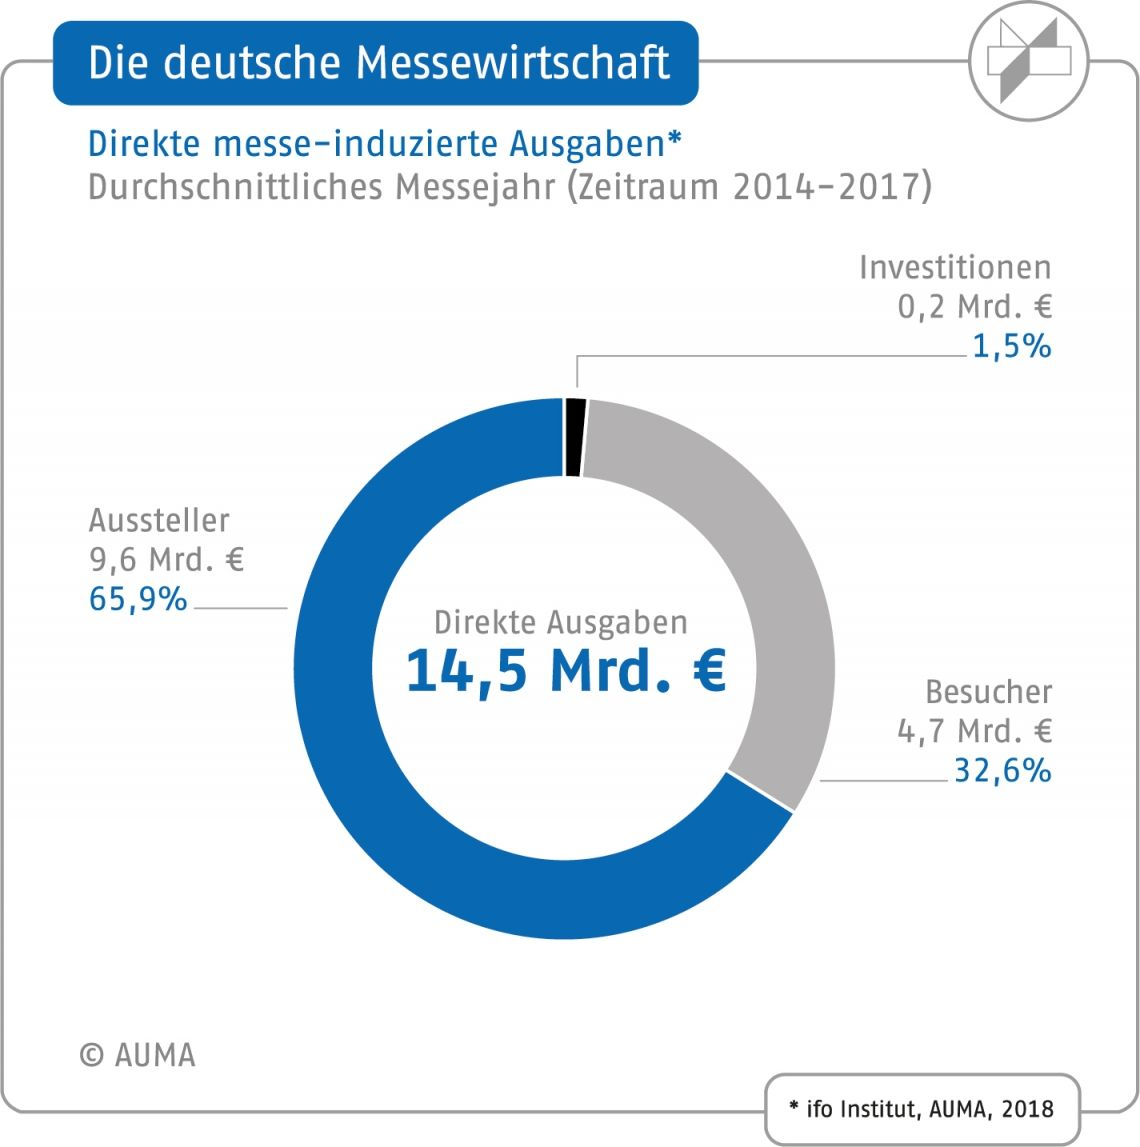 Infografiken zur Messewirtschaft jetzt zum Download